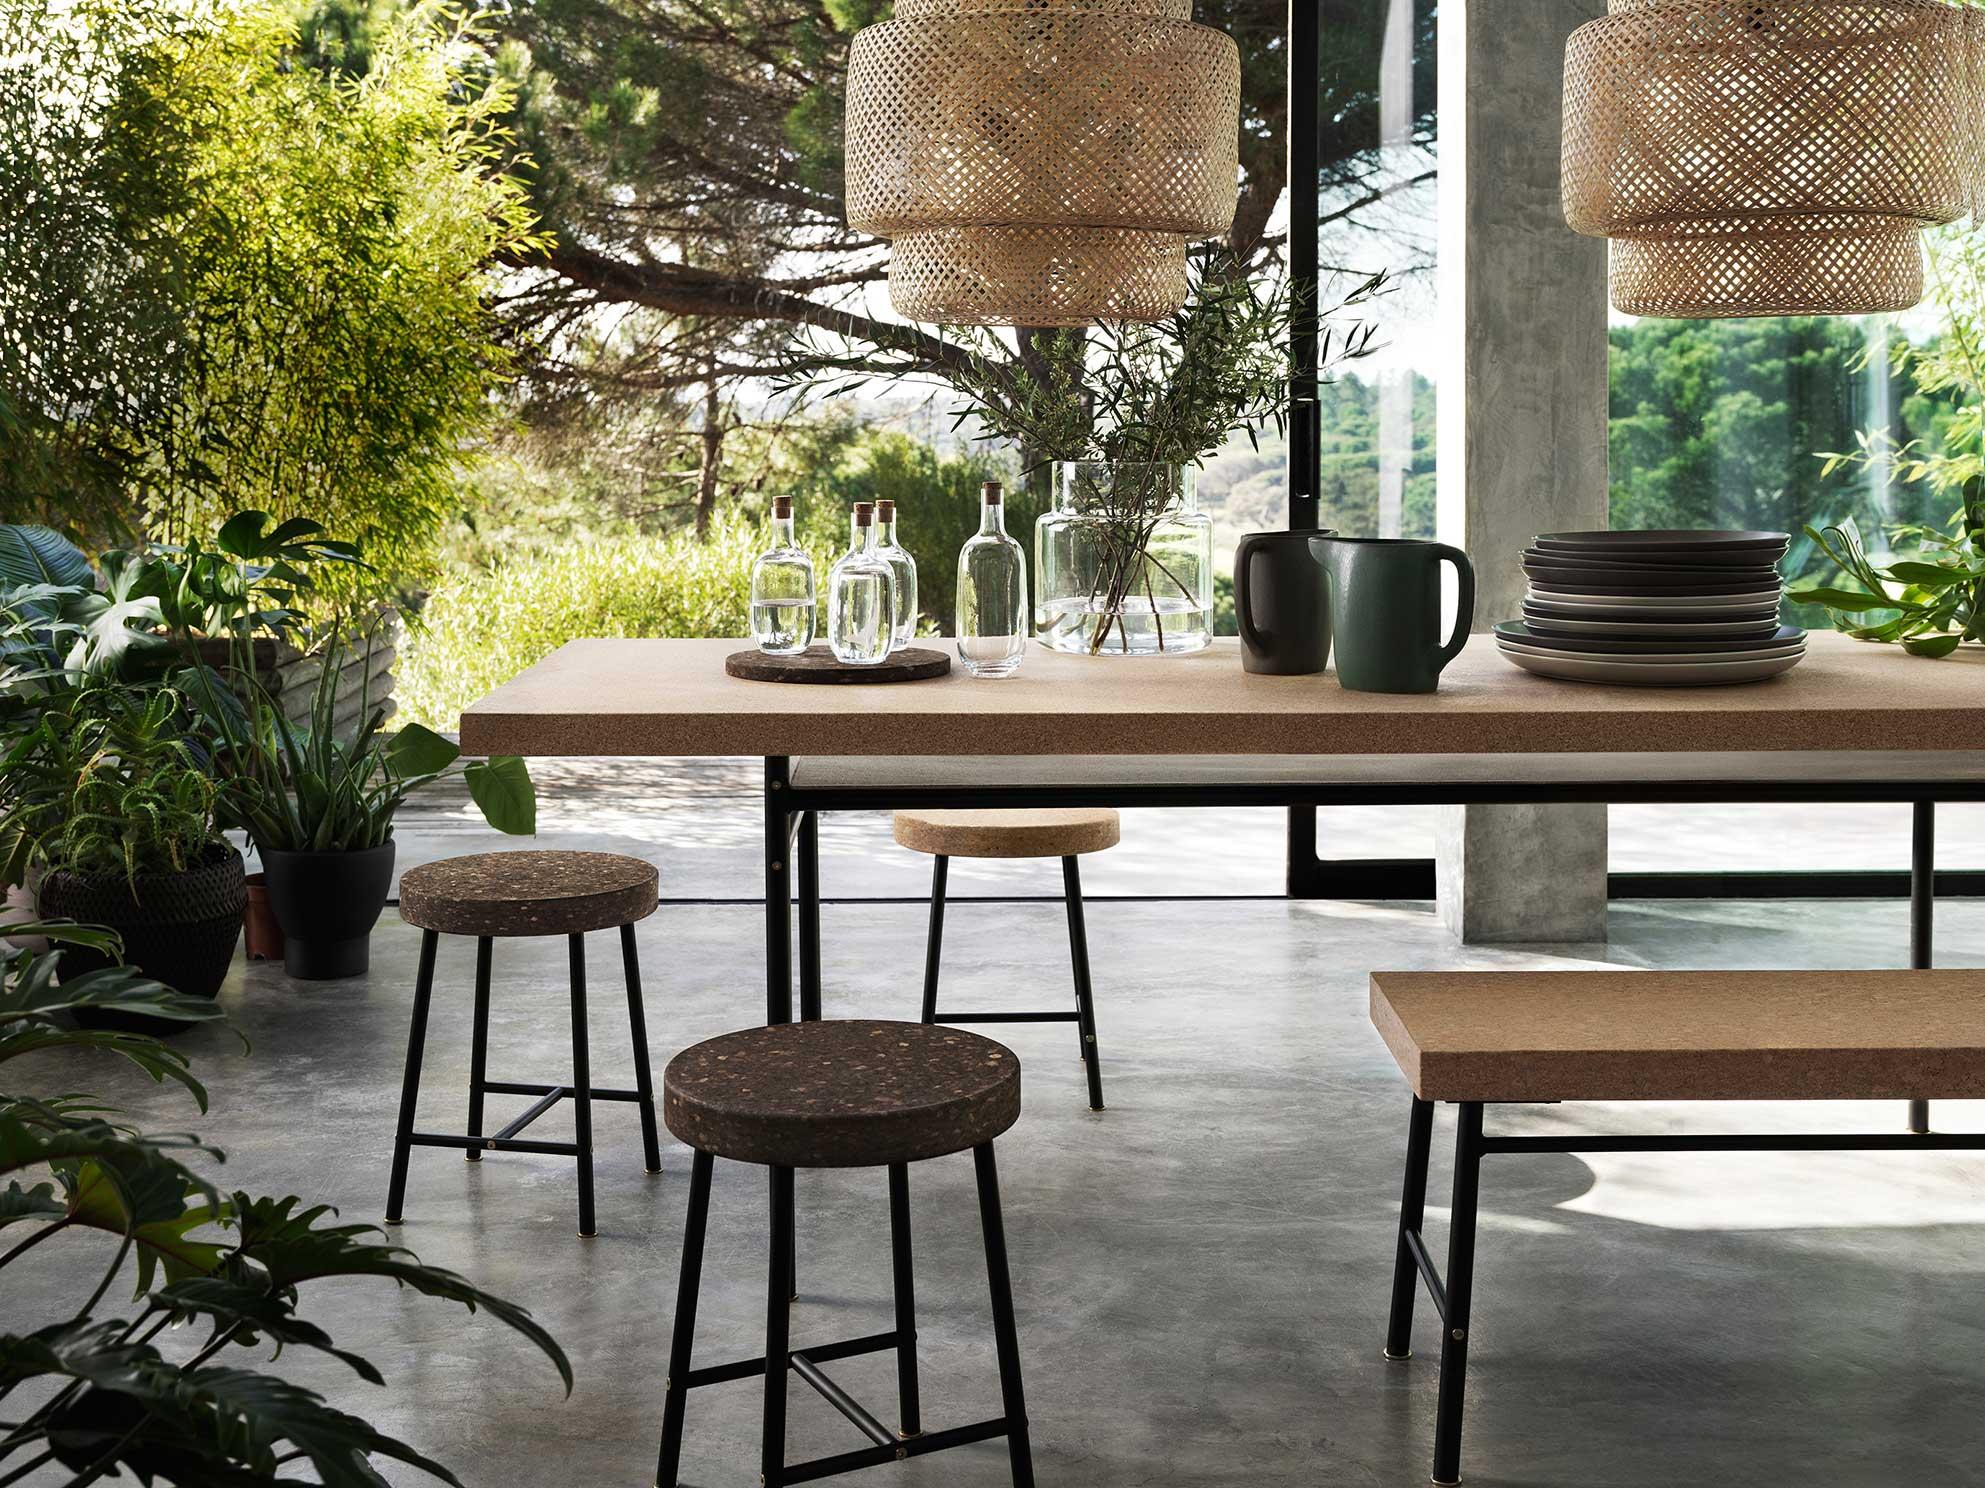 Ilse Crawfordin Ikealle suunnittelemaa Sinnerlig-mallistoa